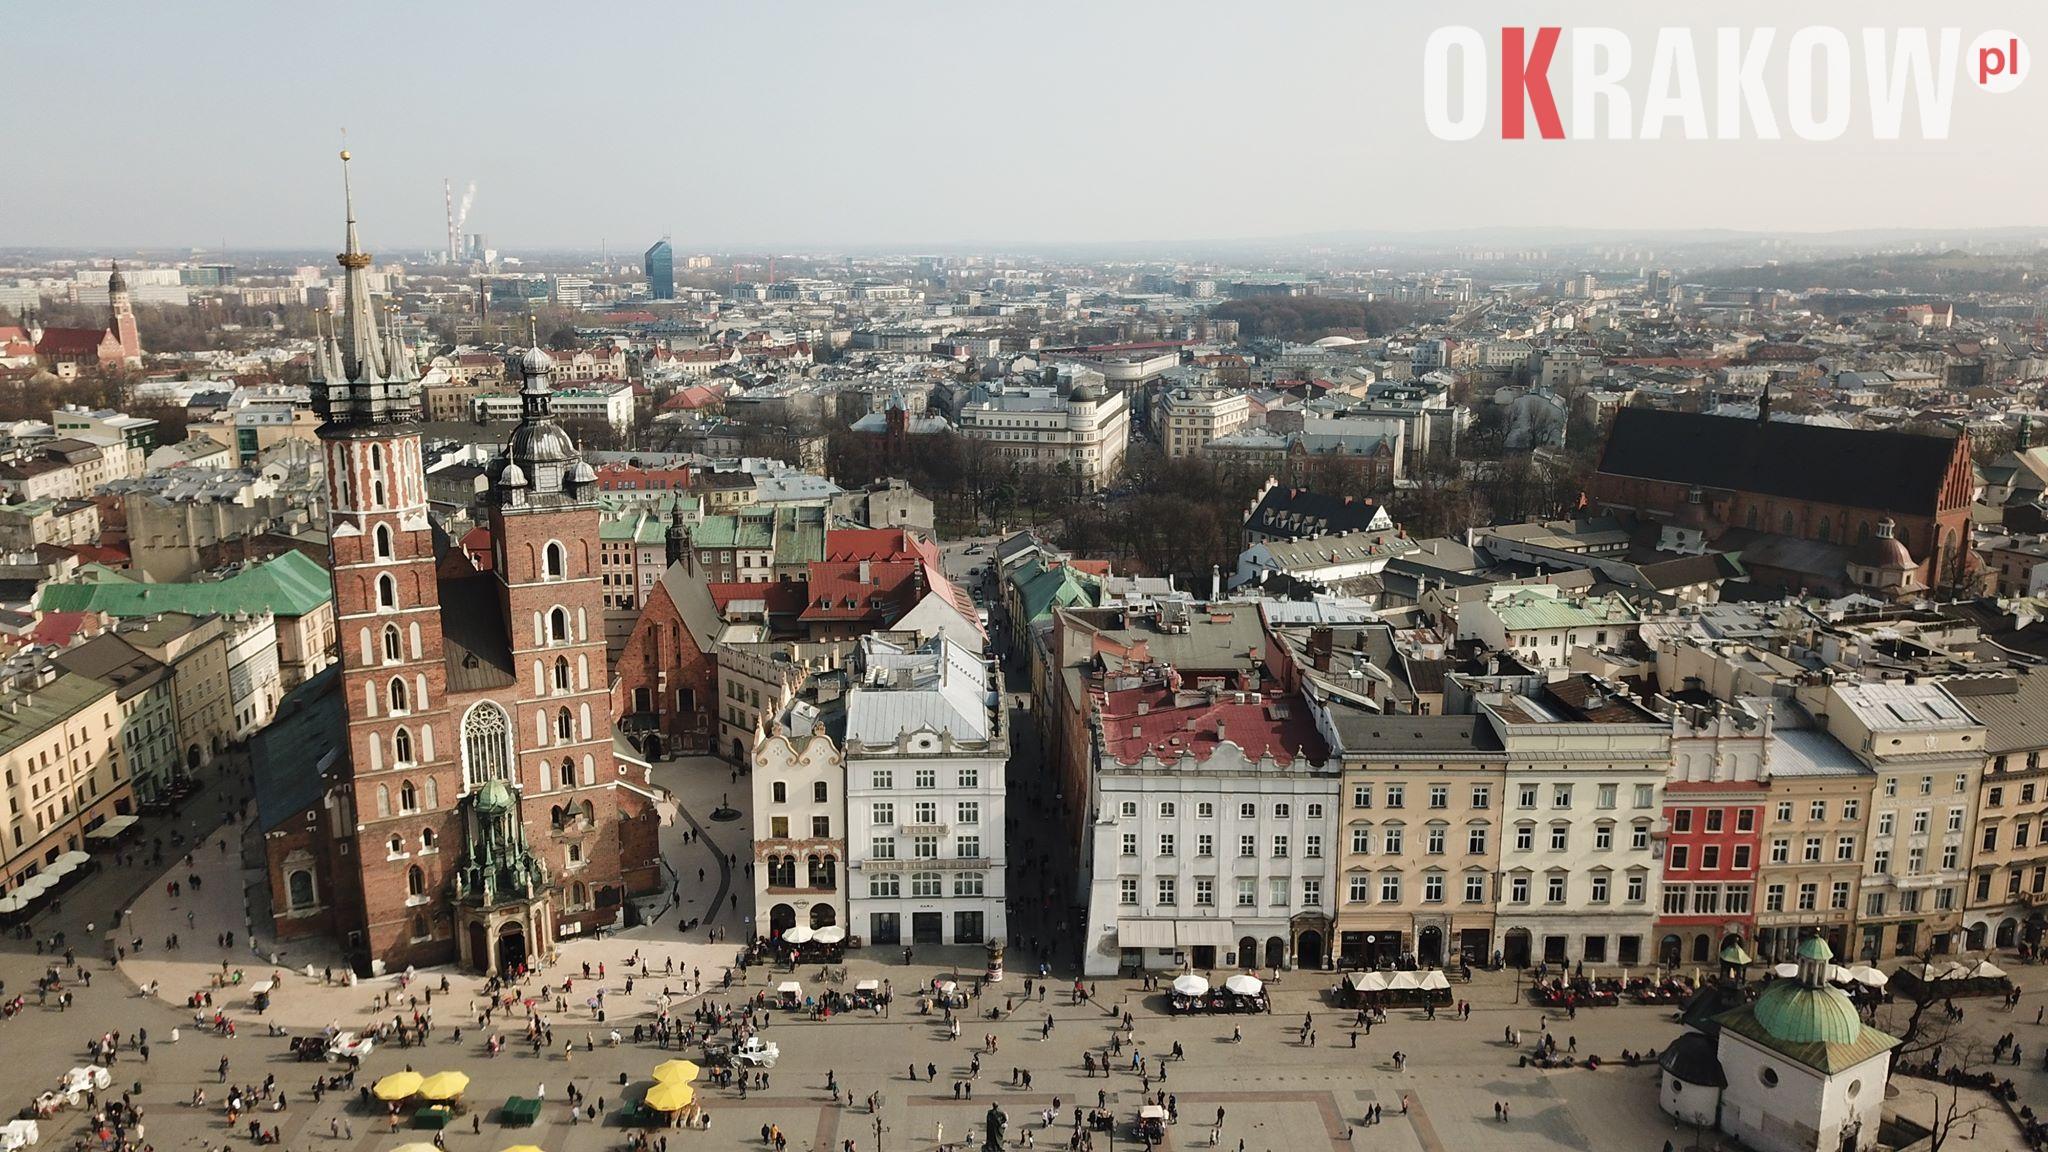 krakow rynek 1 300x169 - Kraków, Rynek Główny widok z drona film+fot.